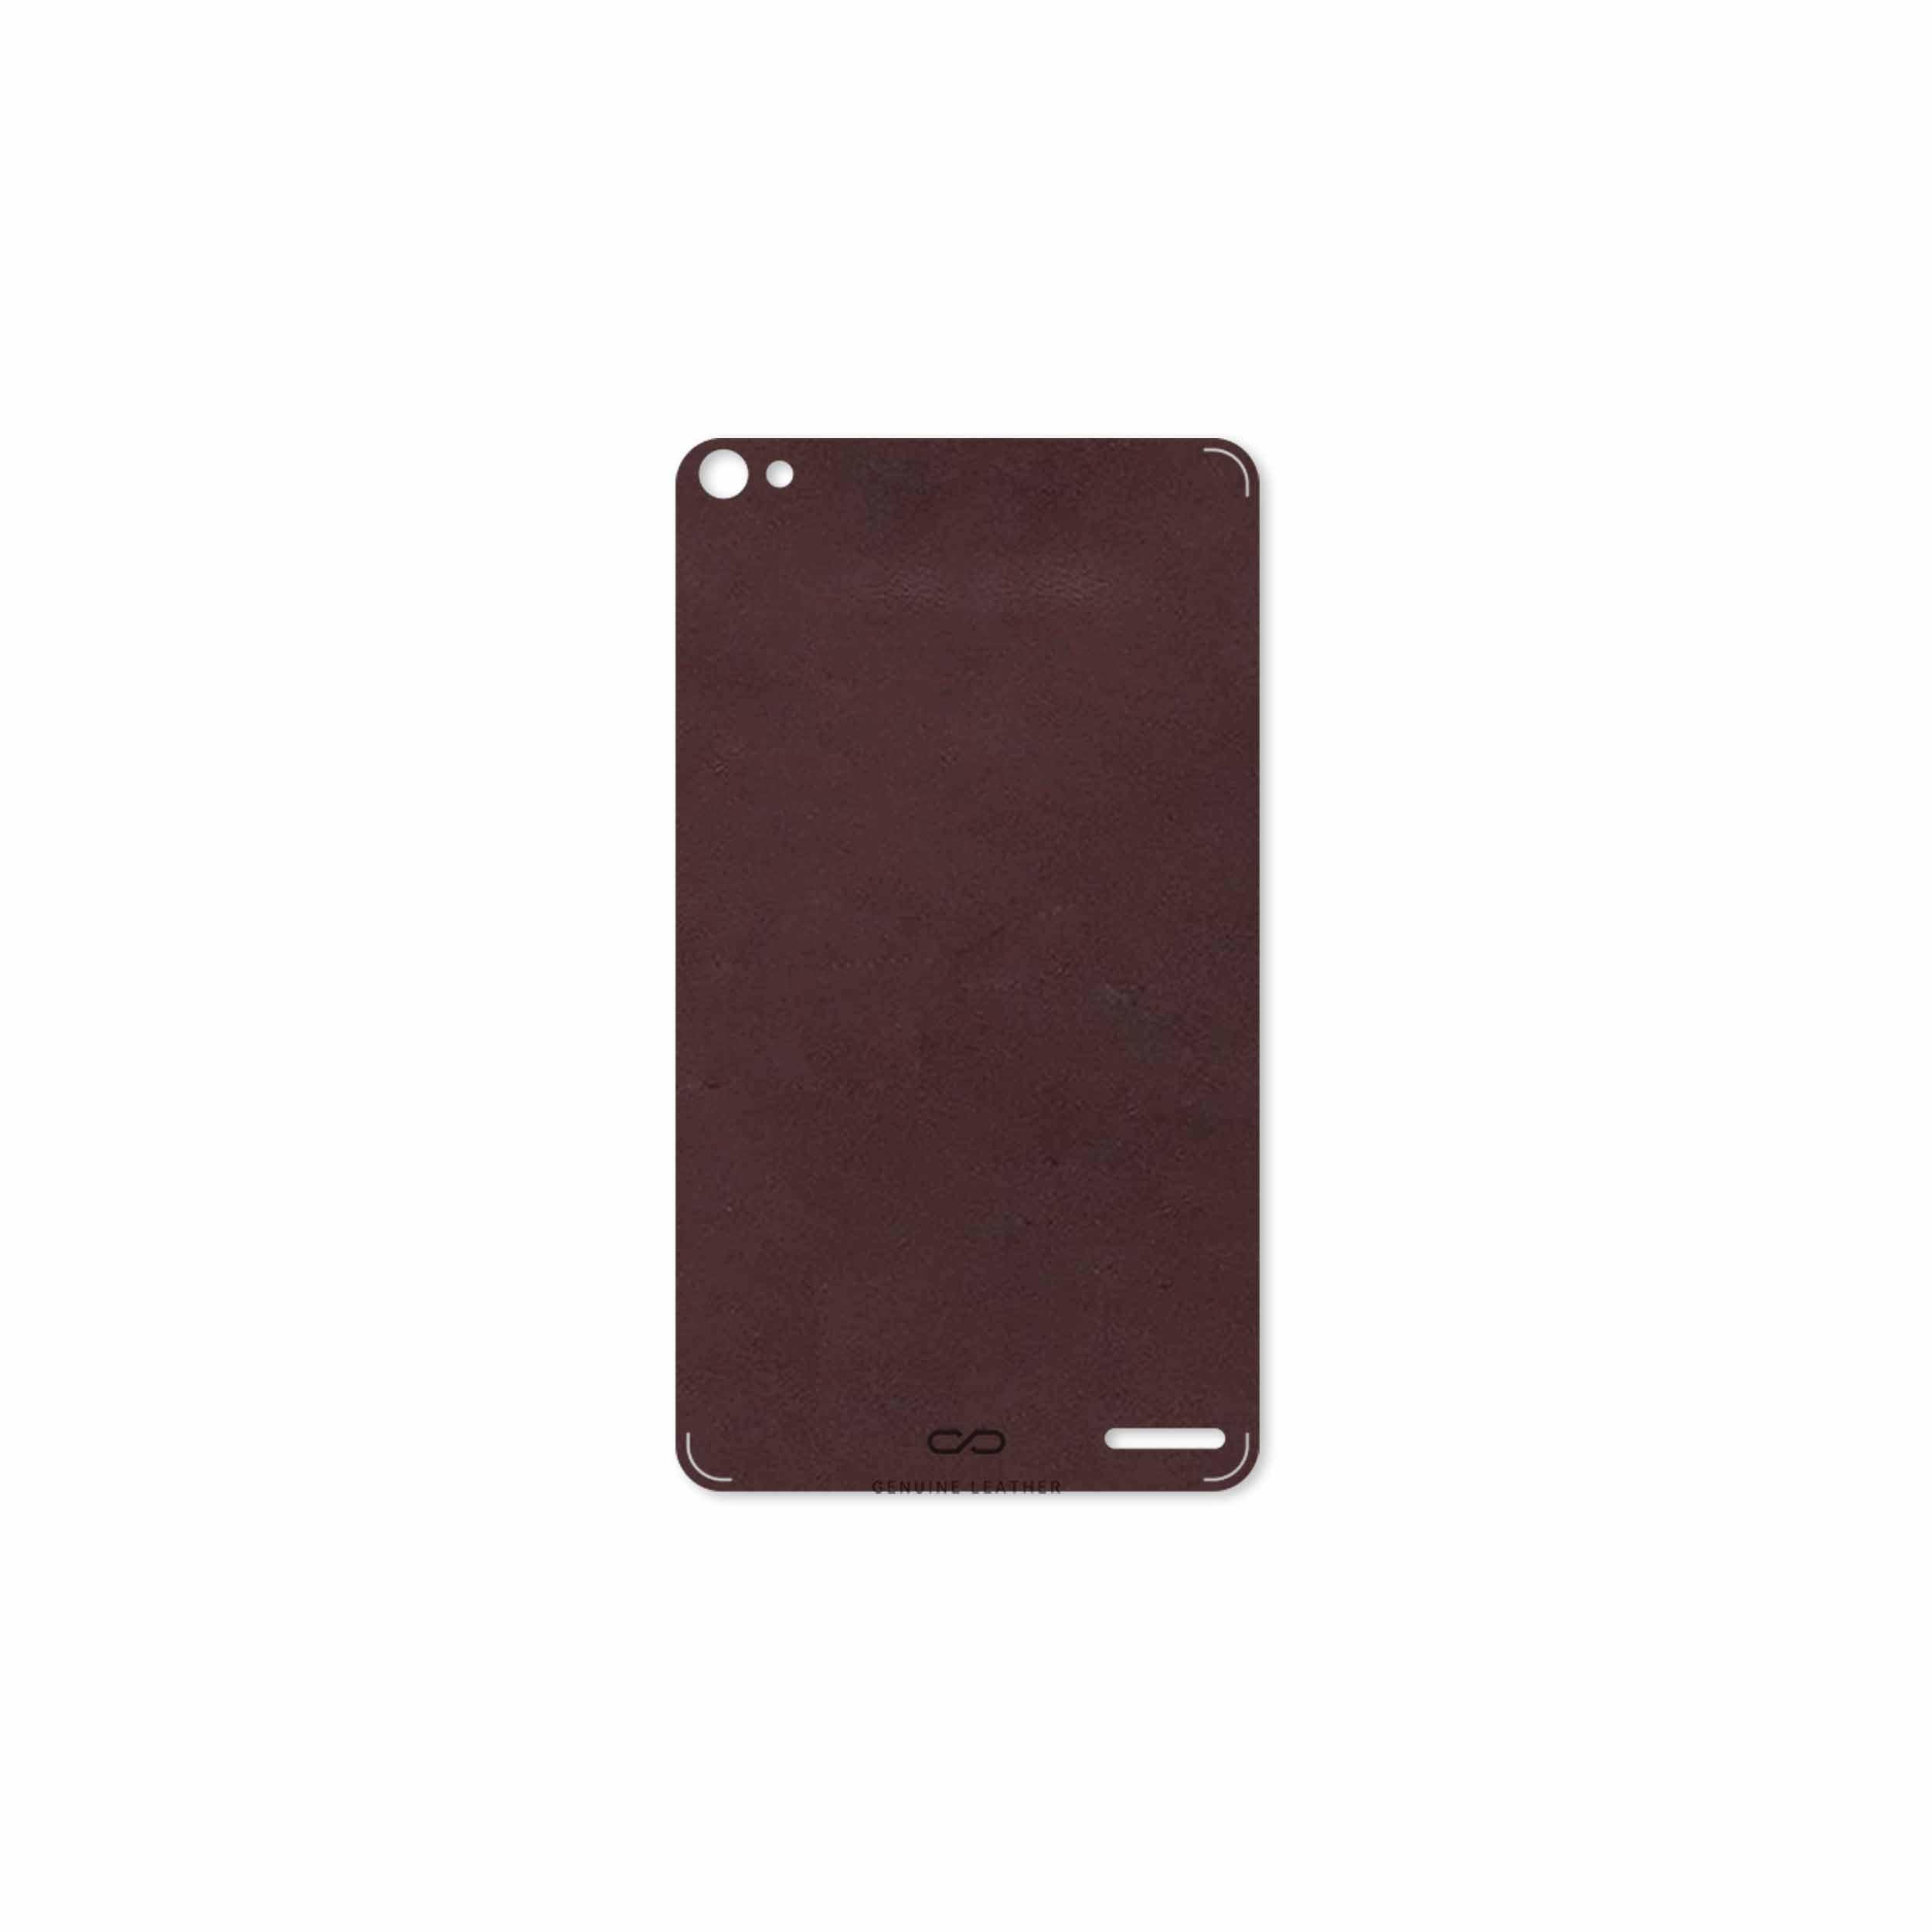 بررسی و خرید [با تخفیف]                                     برچسب پوششی ماهوت مدل Matte-Dark-Brown-Leather مناسب برای تبلت هوآوی Mediapad X2 2015                             اورجینال